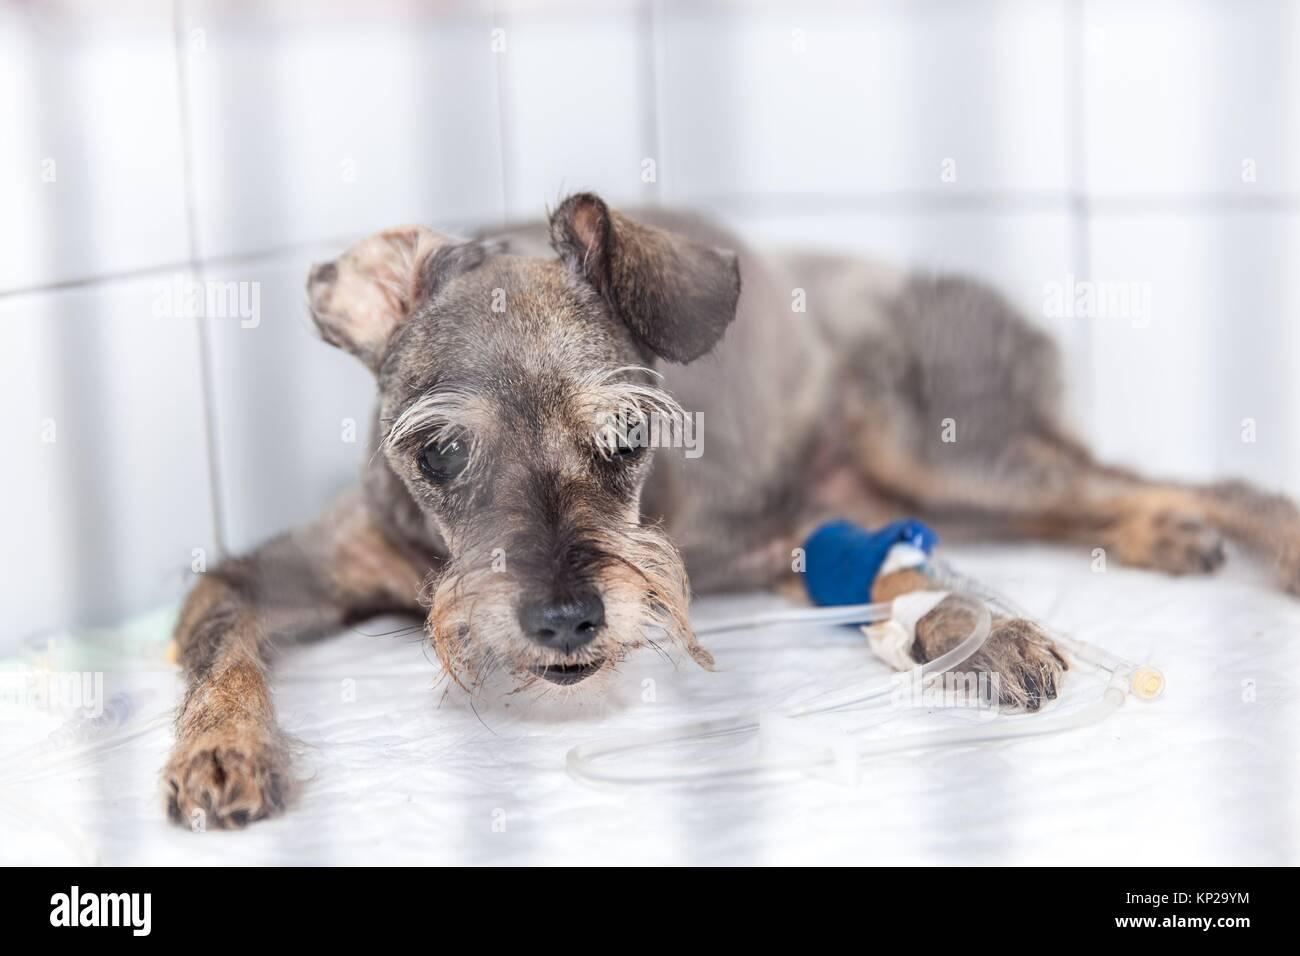 Cane presso il veterinario è sottoposto a un trattamento medico Immagini Stock